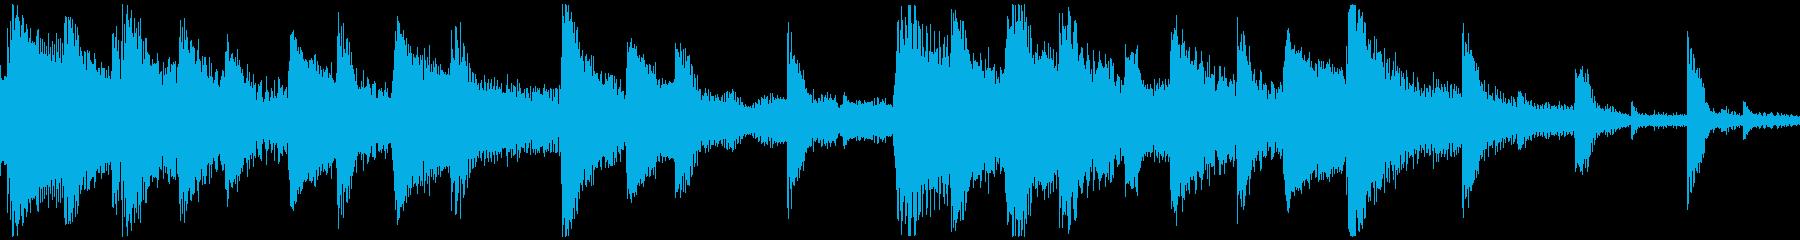 <ショートループ> ピアノ⑨+ビートAの再生済みの波形